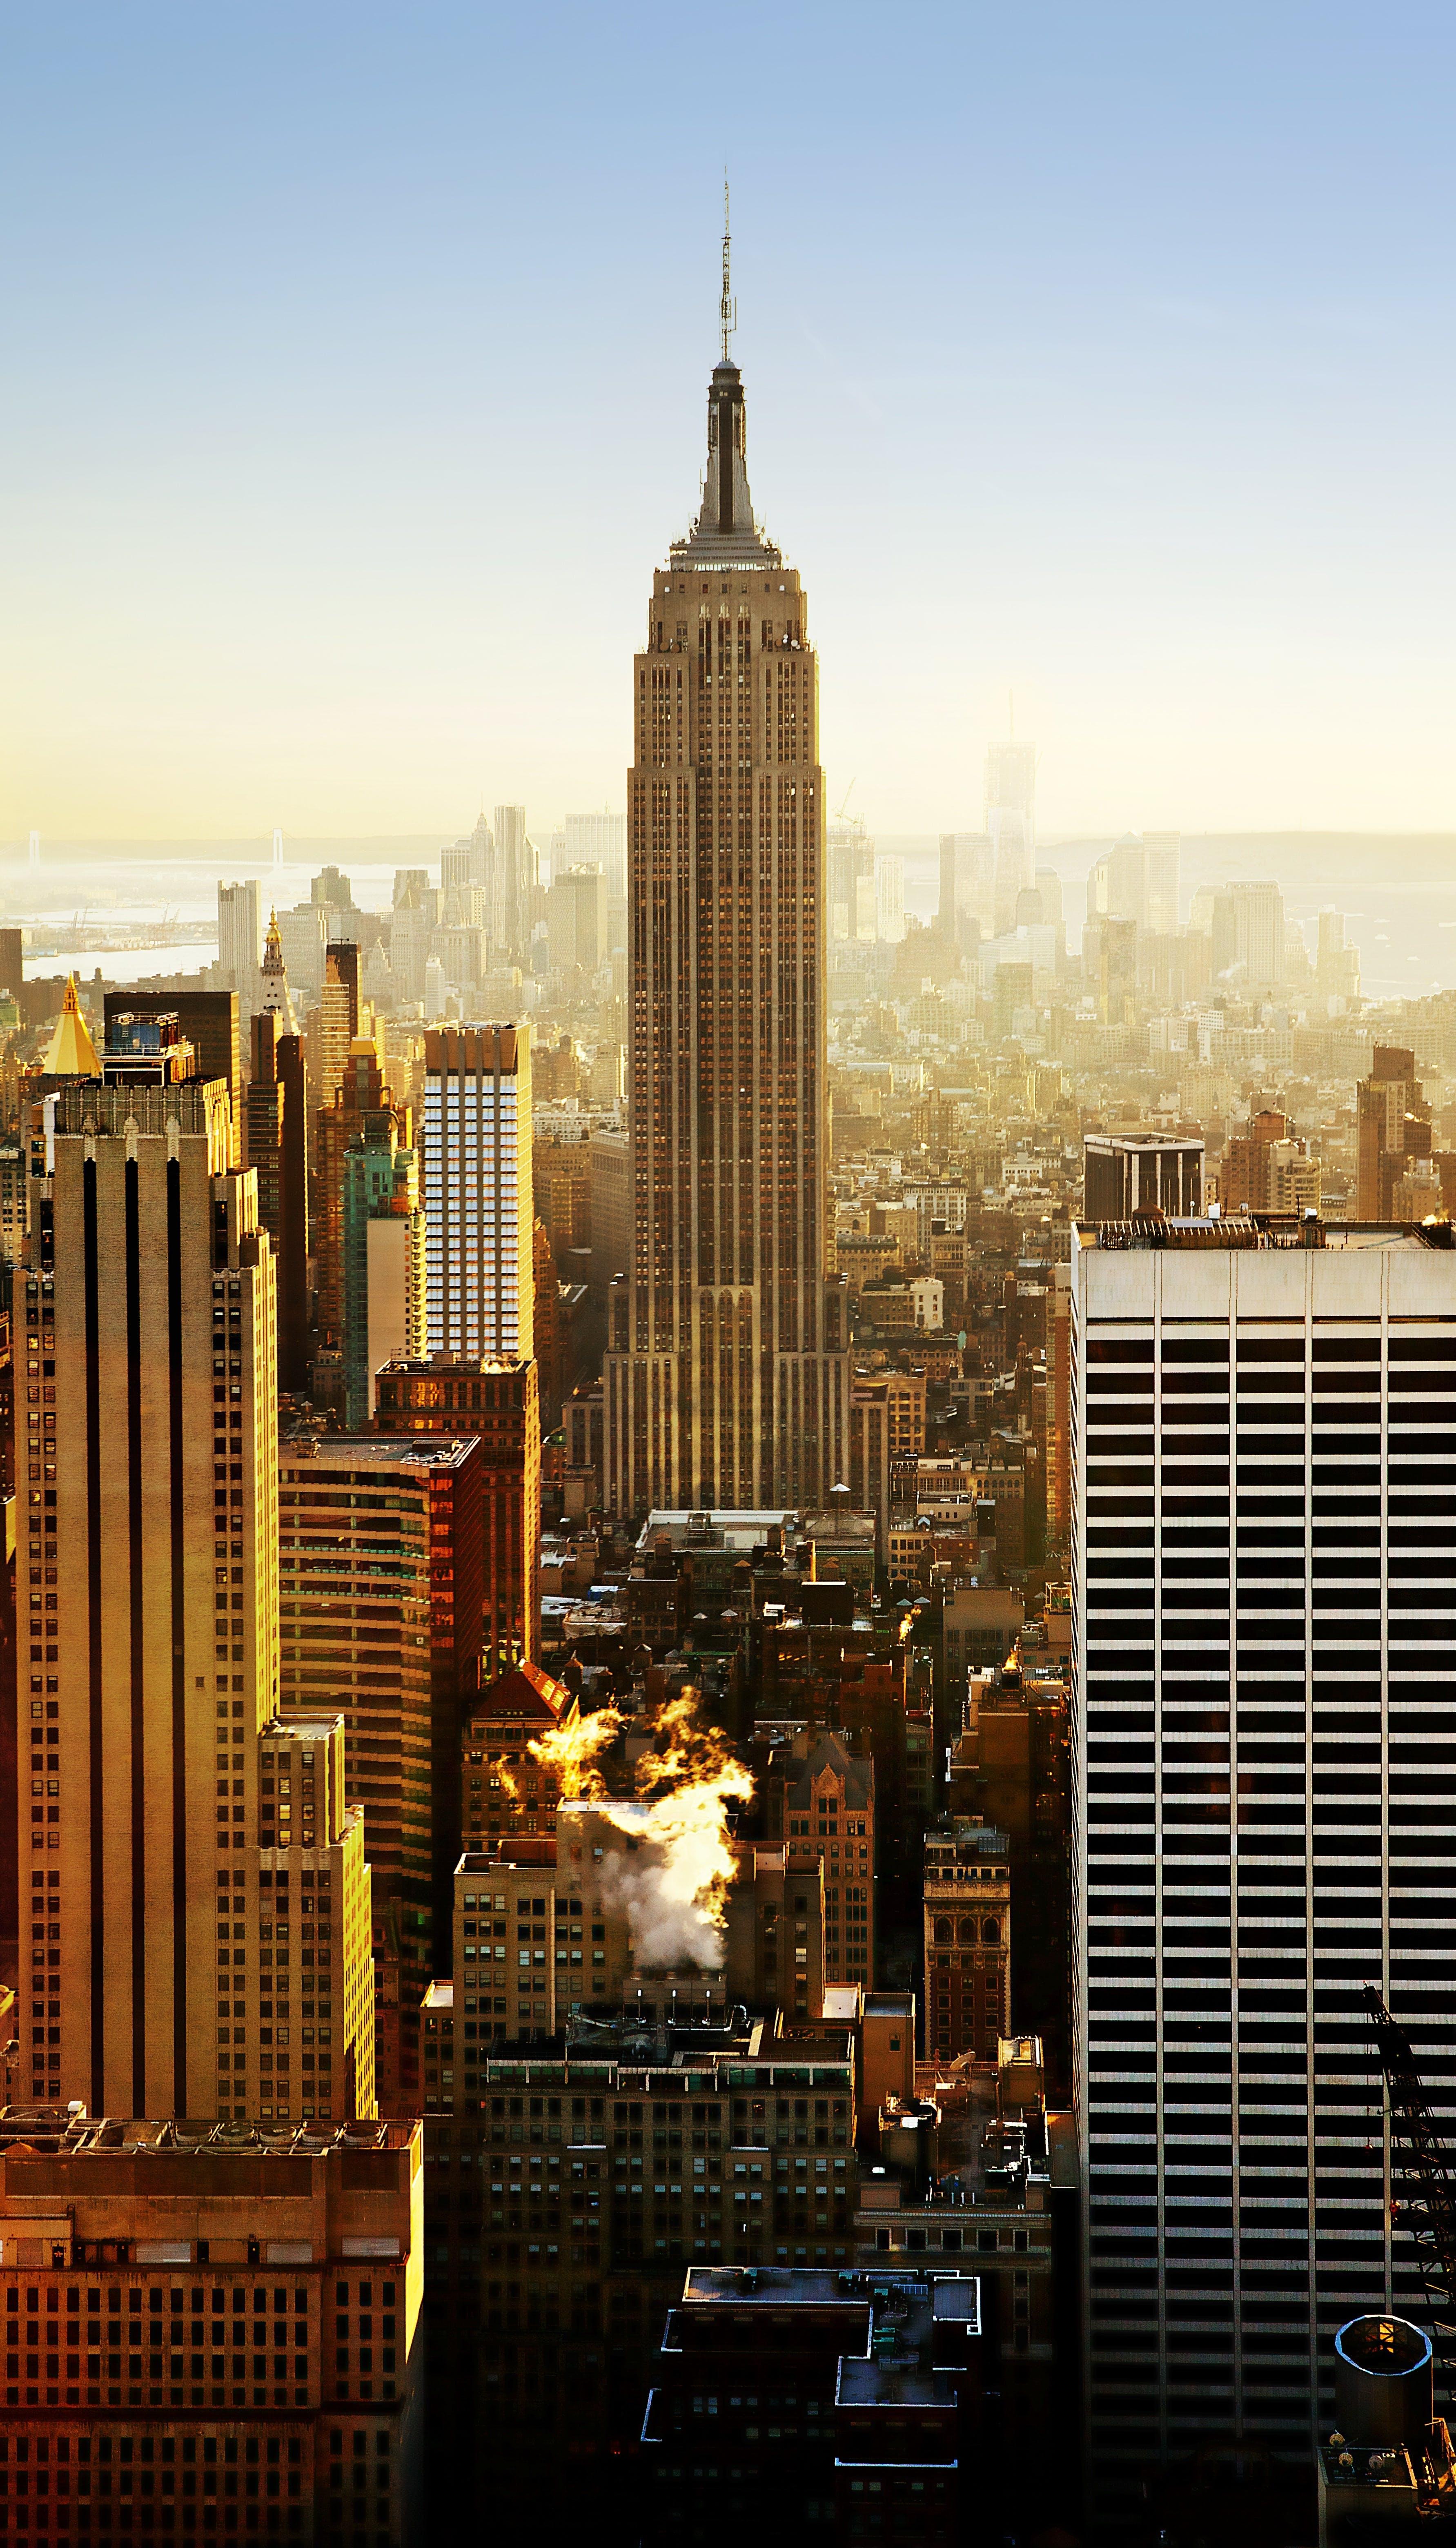 Kostenloses Stock Foto zu aussicht, empire state building, gebäude, hochhäuser